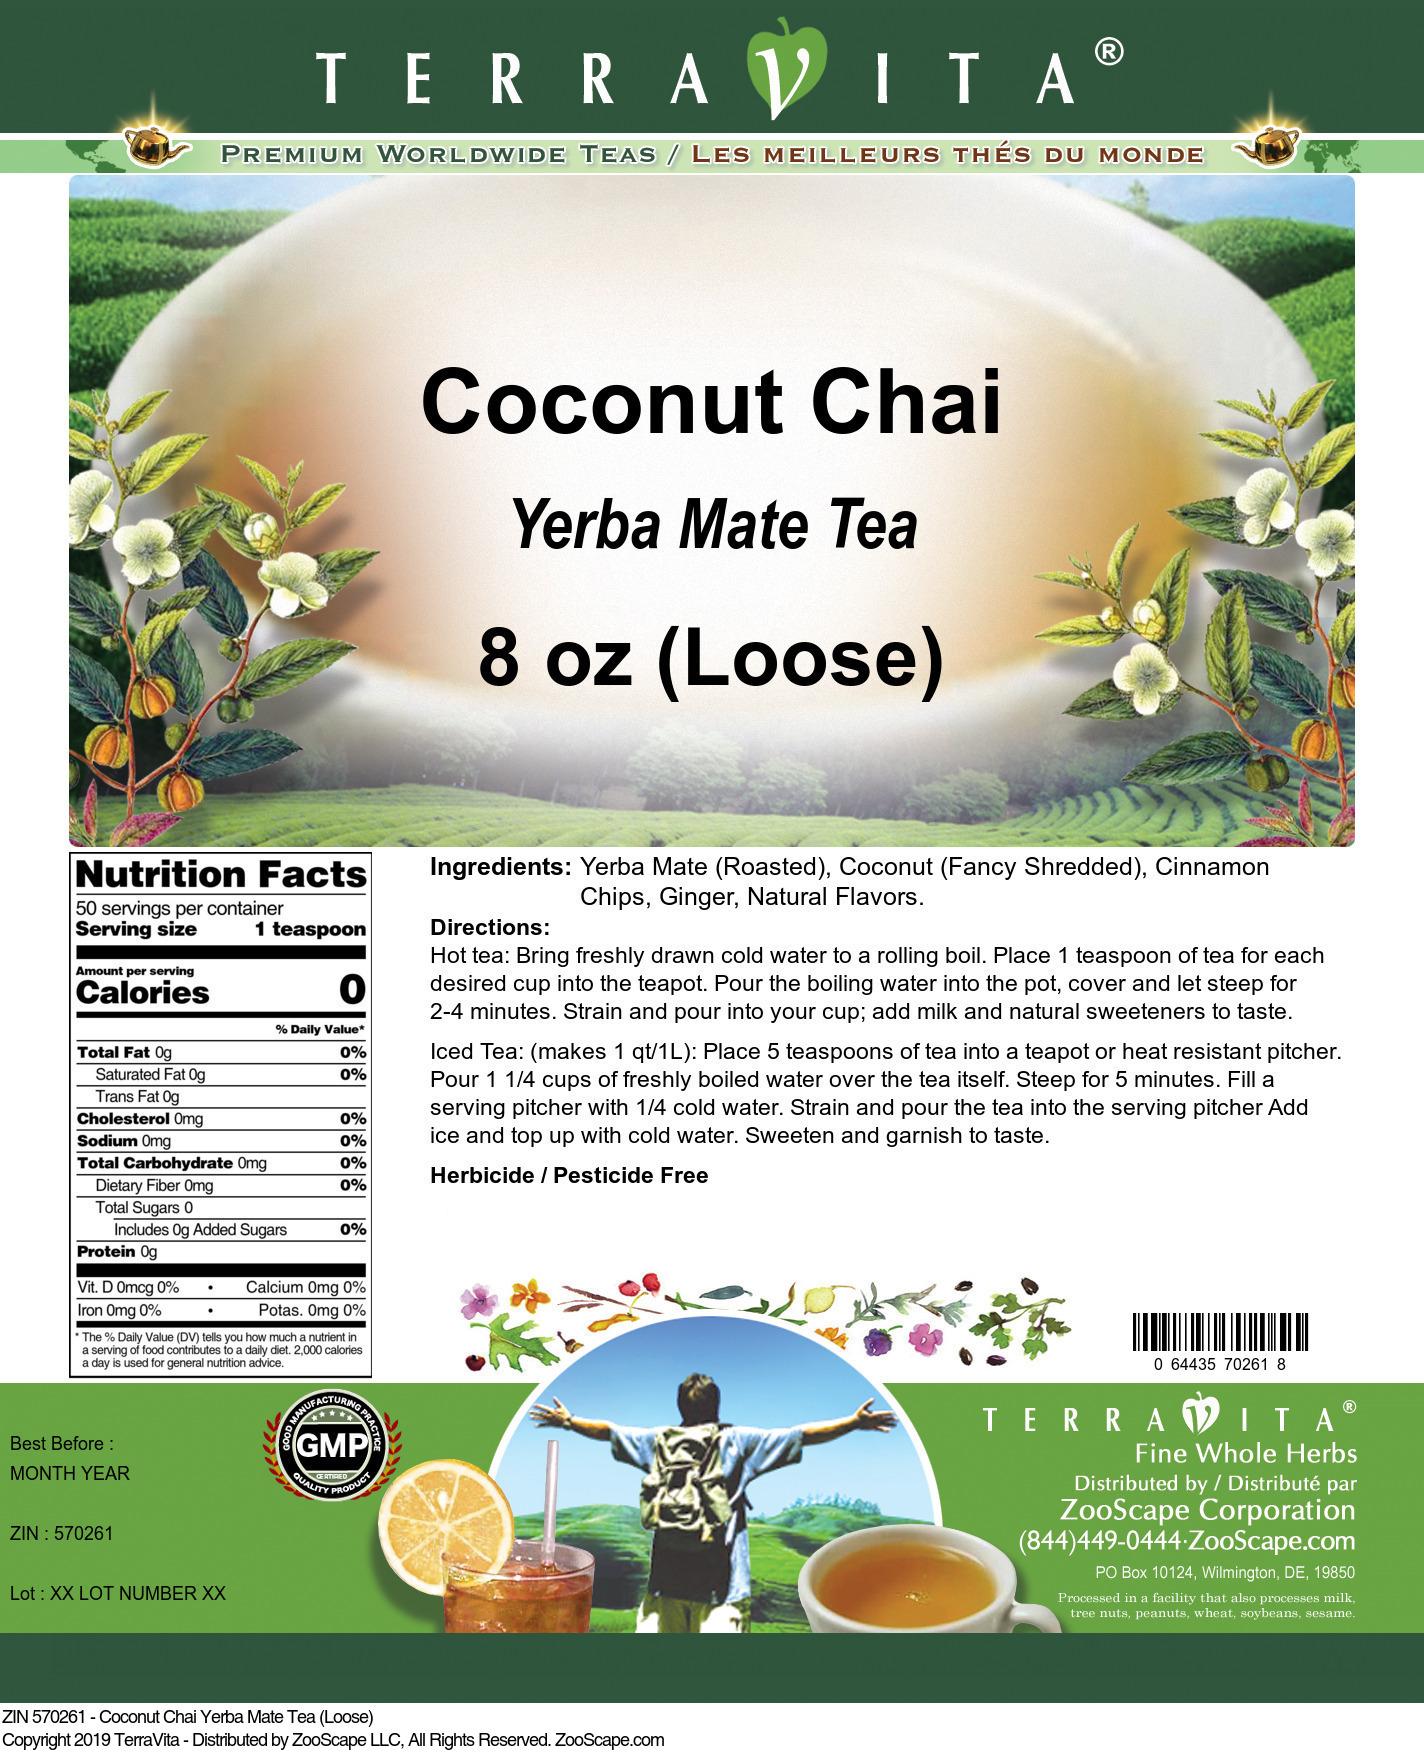 Coconut Chai Yerba Mate